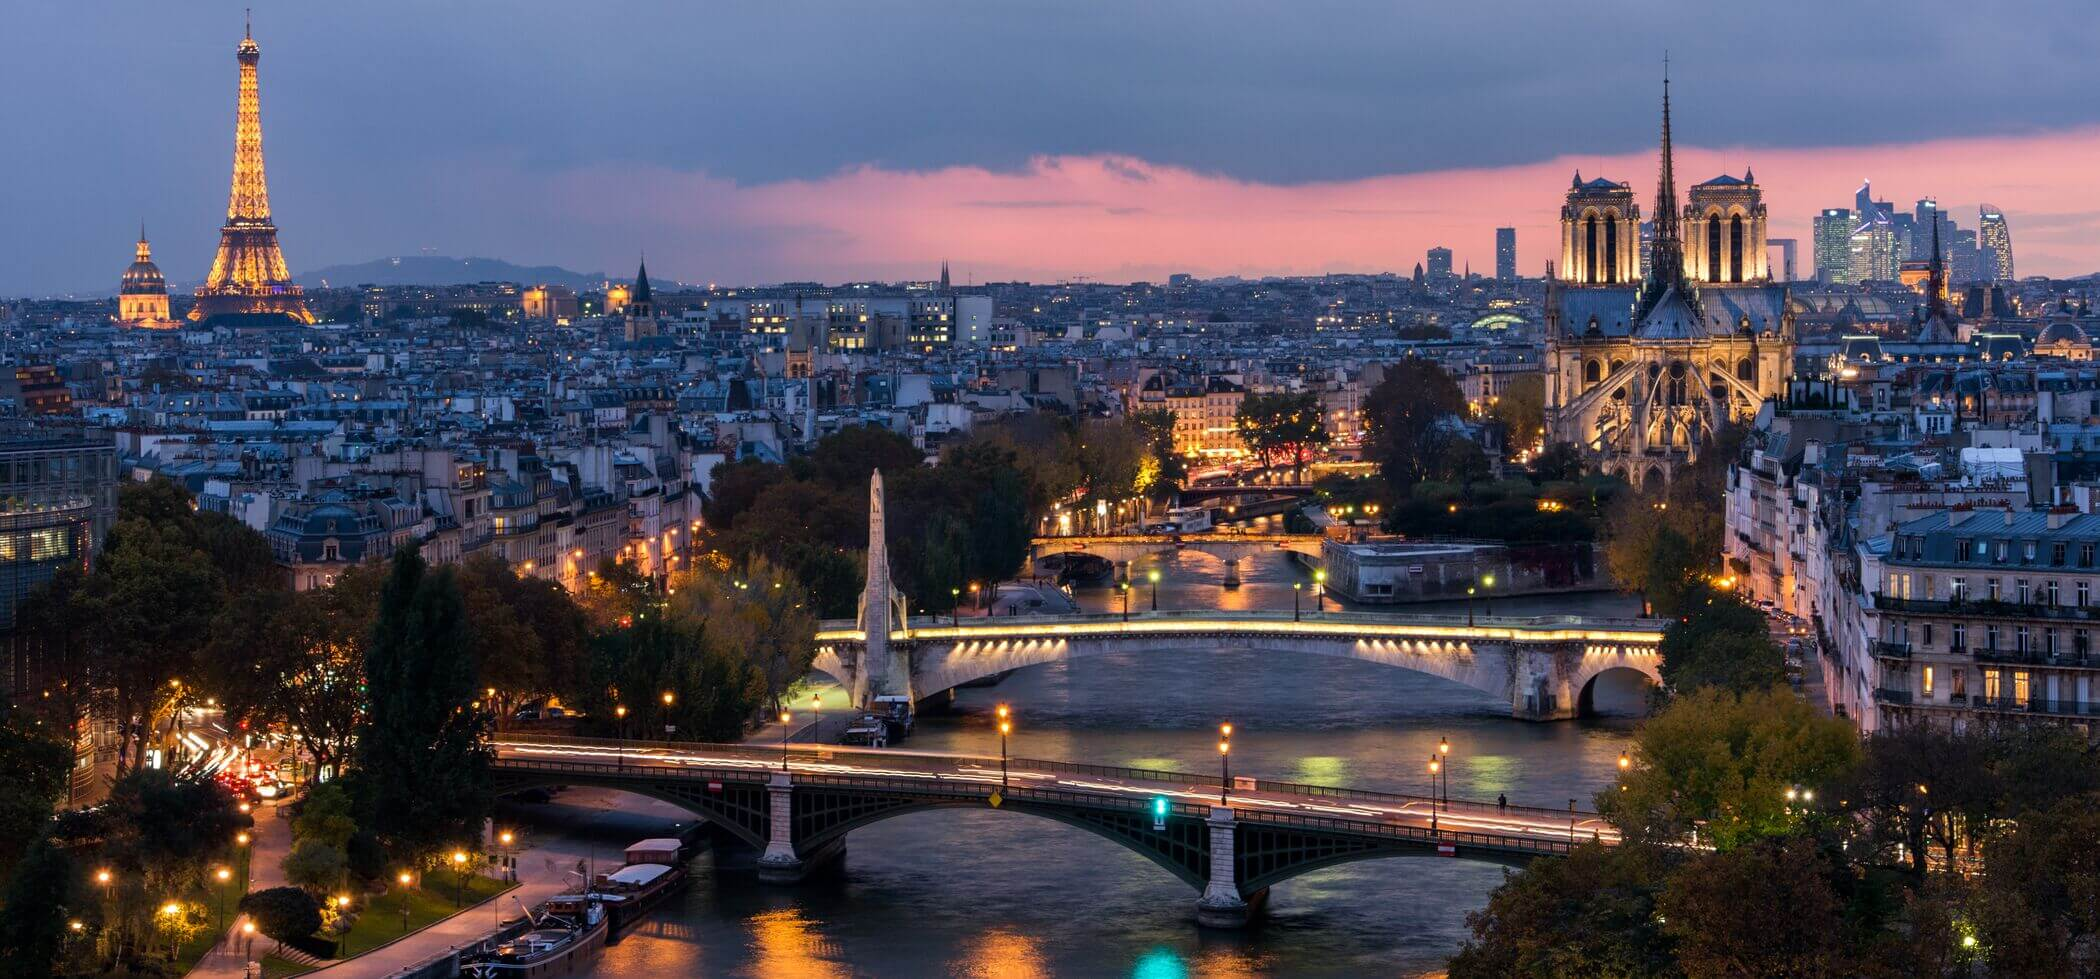 Appart hôtel Paris : voulez-vous un confort optimal ?